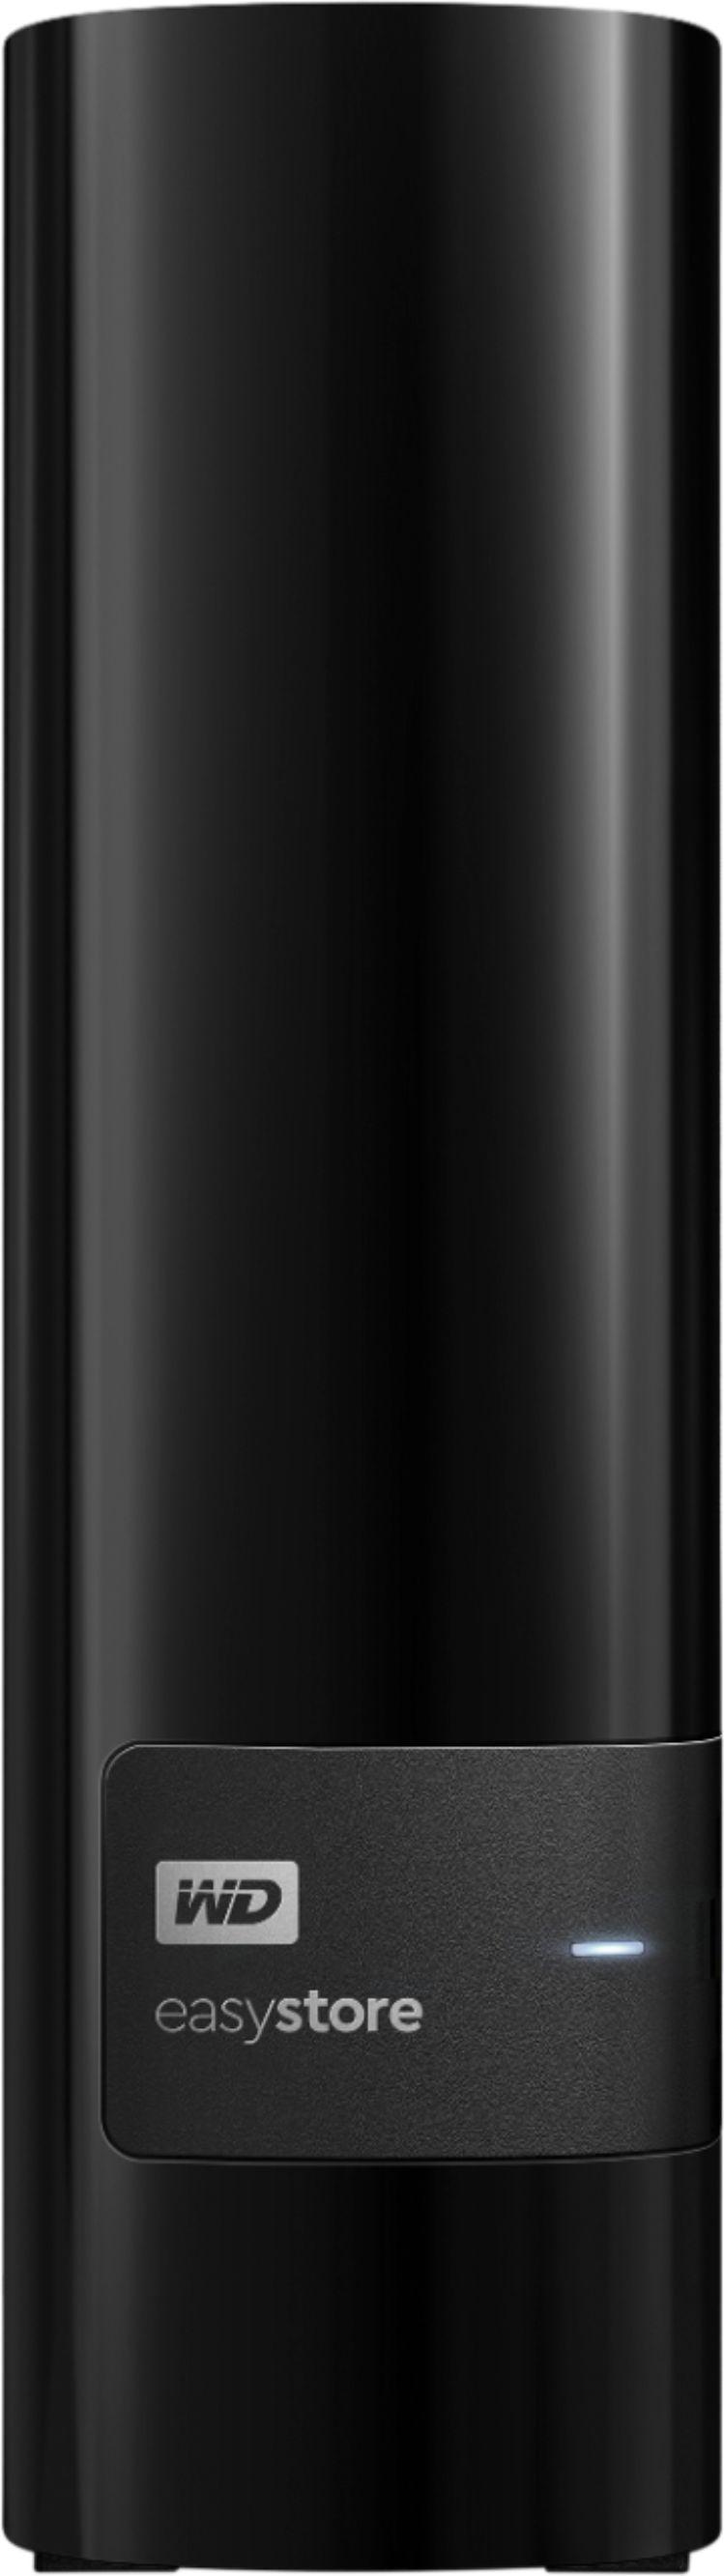 14 TB Western Digital Easystore. $229.99